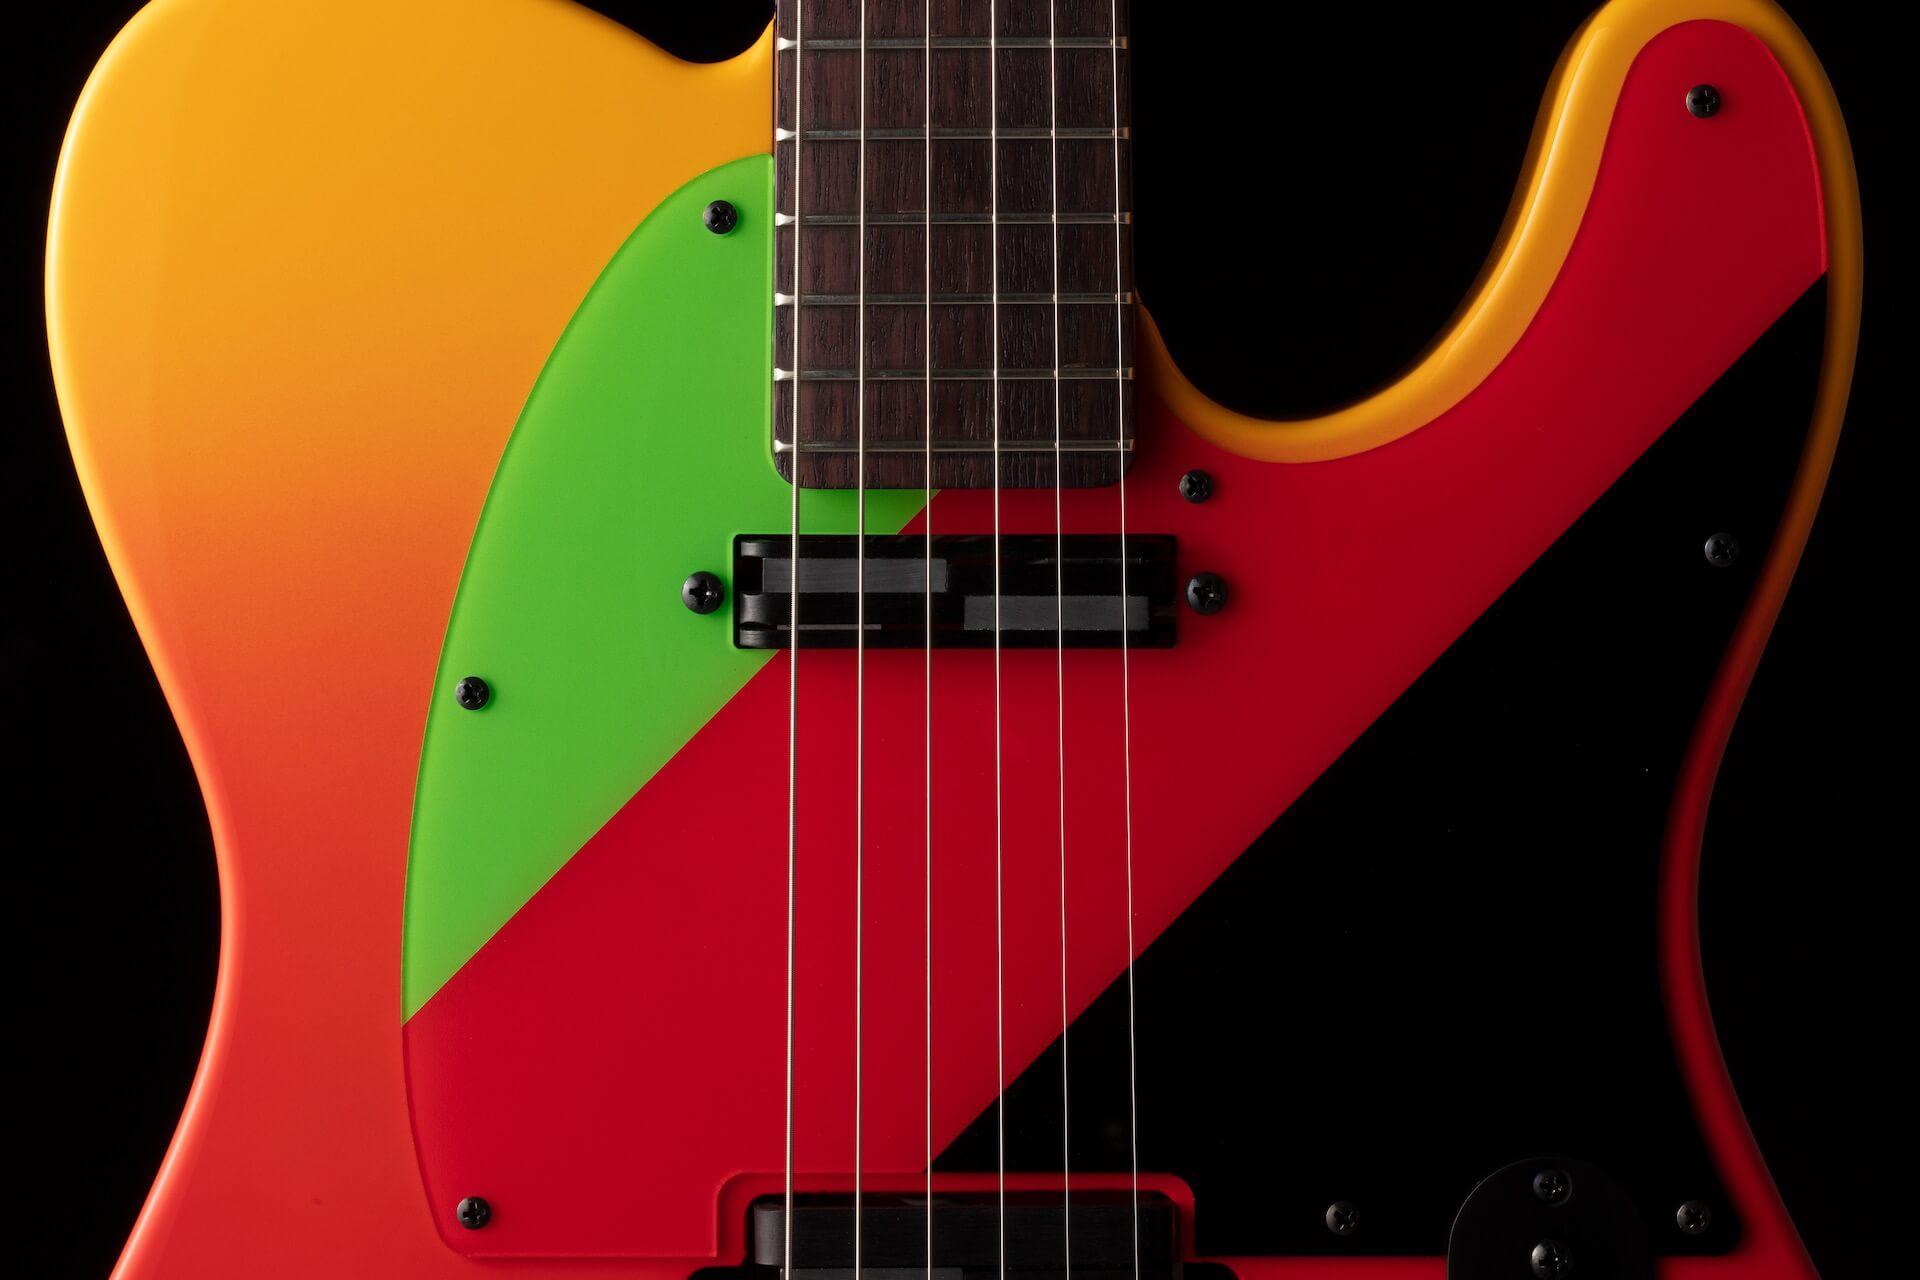 『シン・エヴァンゲリオン劇場版』アスカがエレキギターに!フェンダー特製TELECASTER(R)が年内数量限定生産で登場 ac200427_eva_telecaster_02